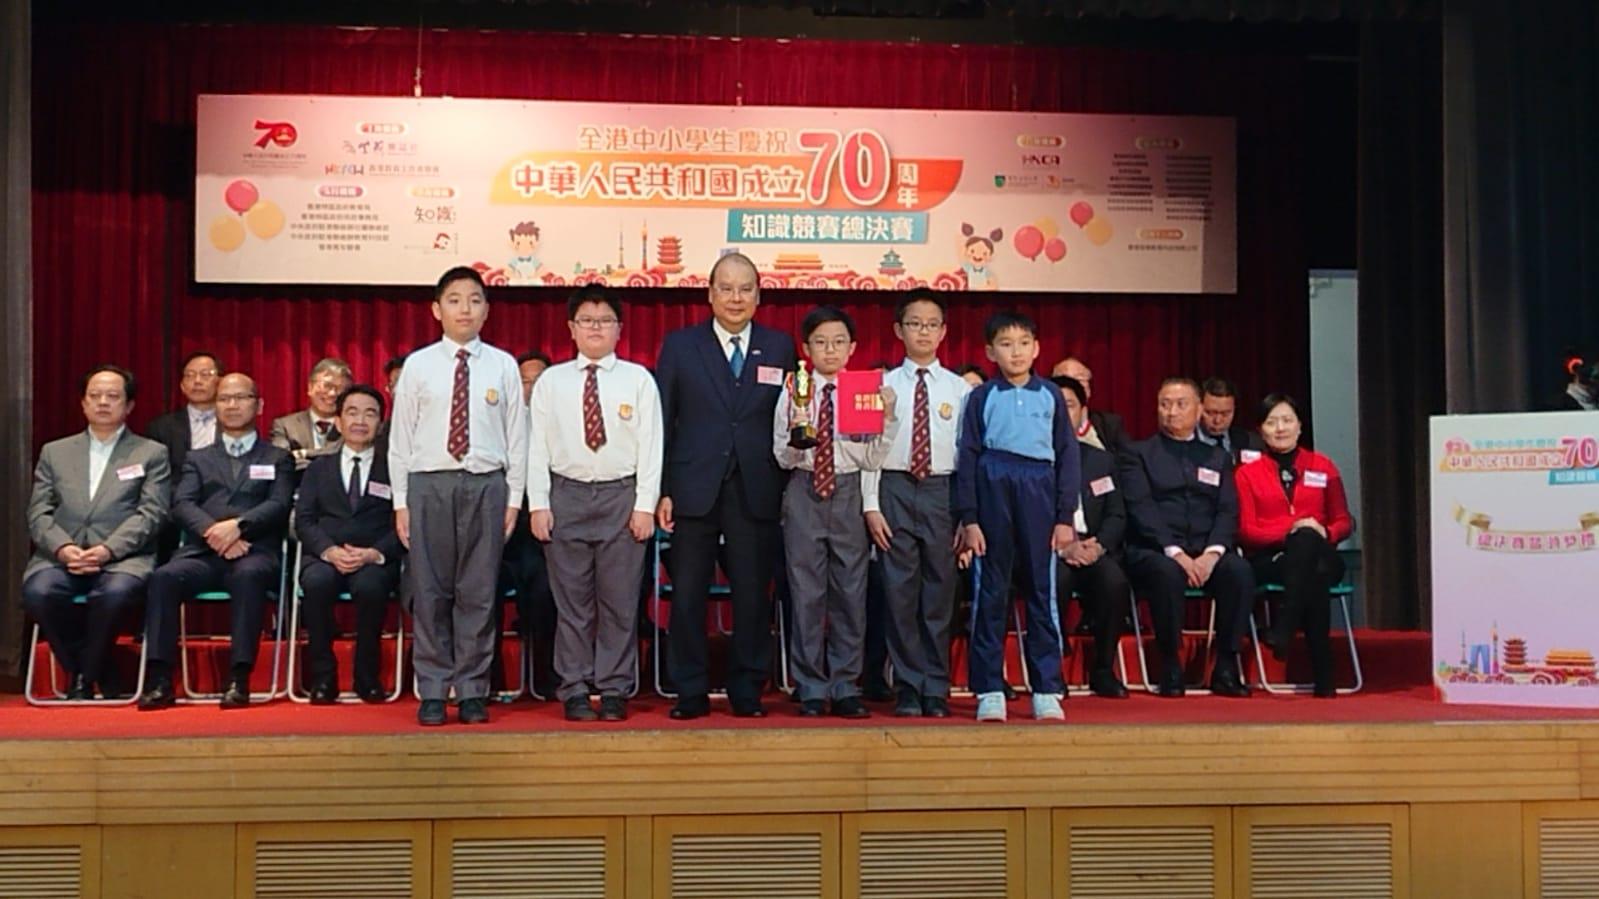 政務司司長張建宗先生頒獎給泰伯紀念學校得獎同學。